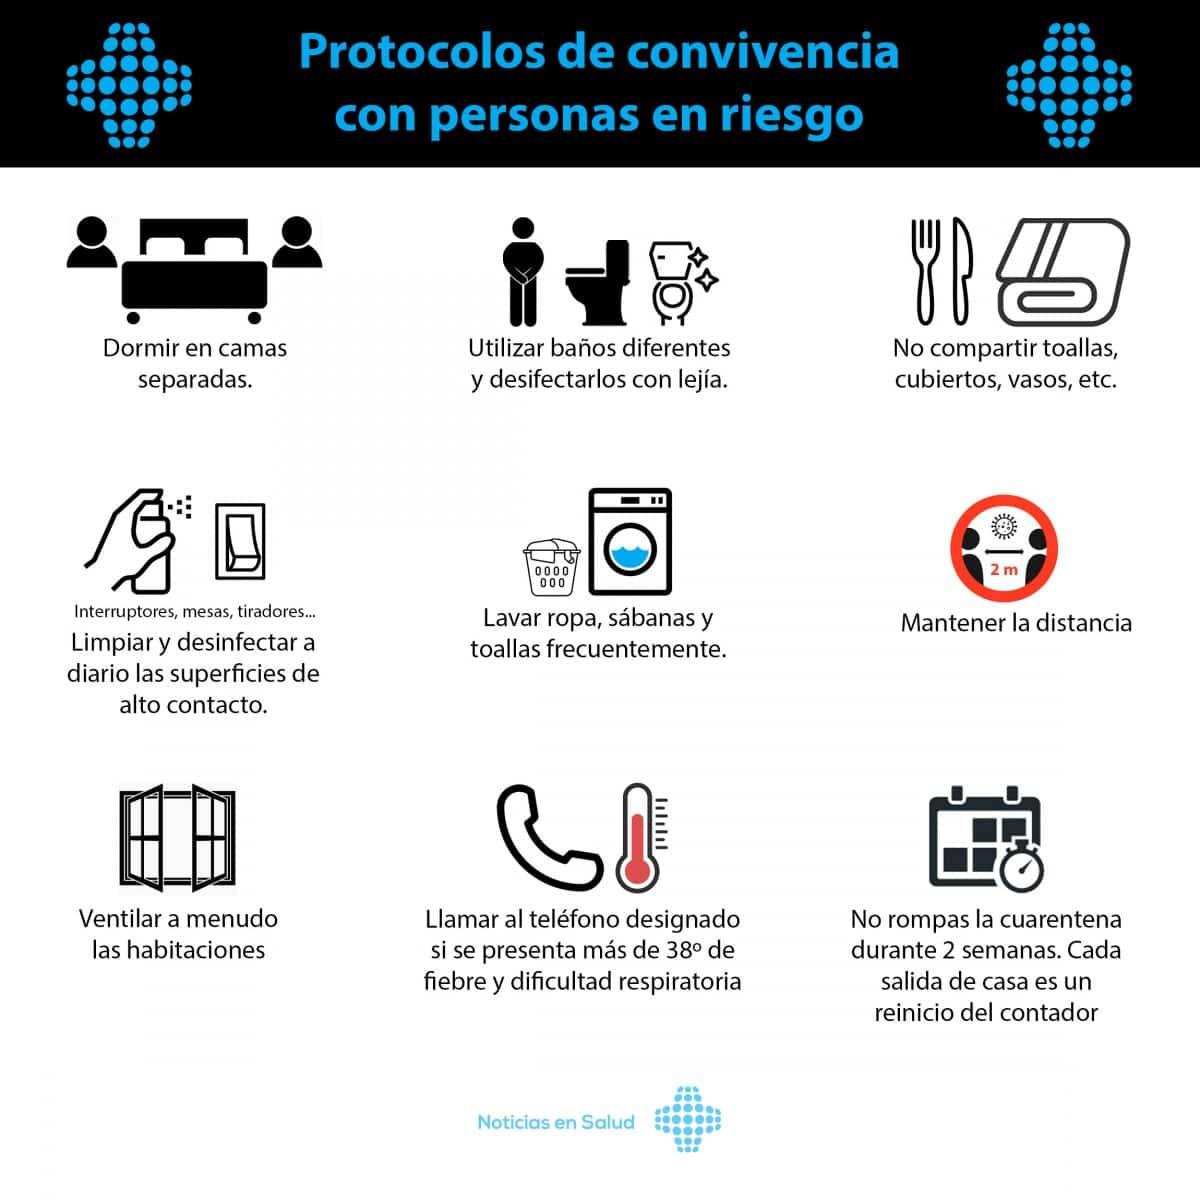 Protocolos de convivencia con personas en riesgo por Covid-19